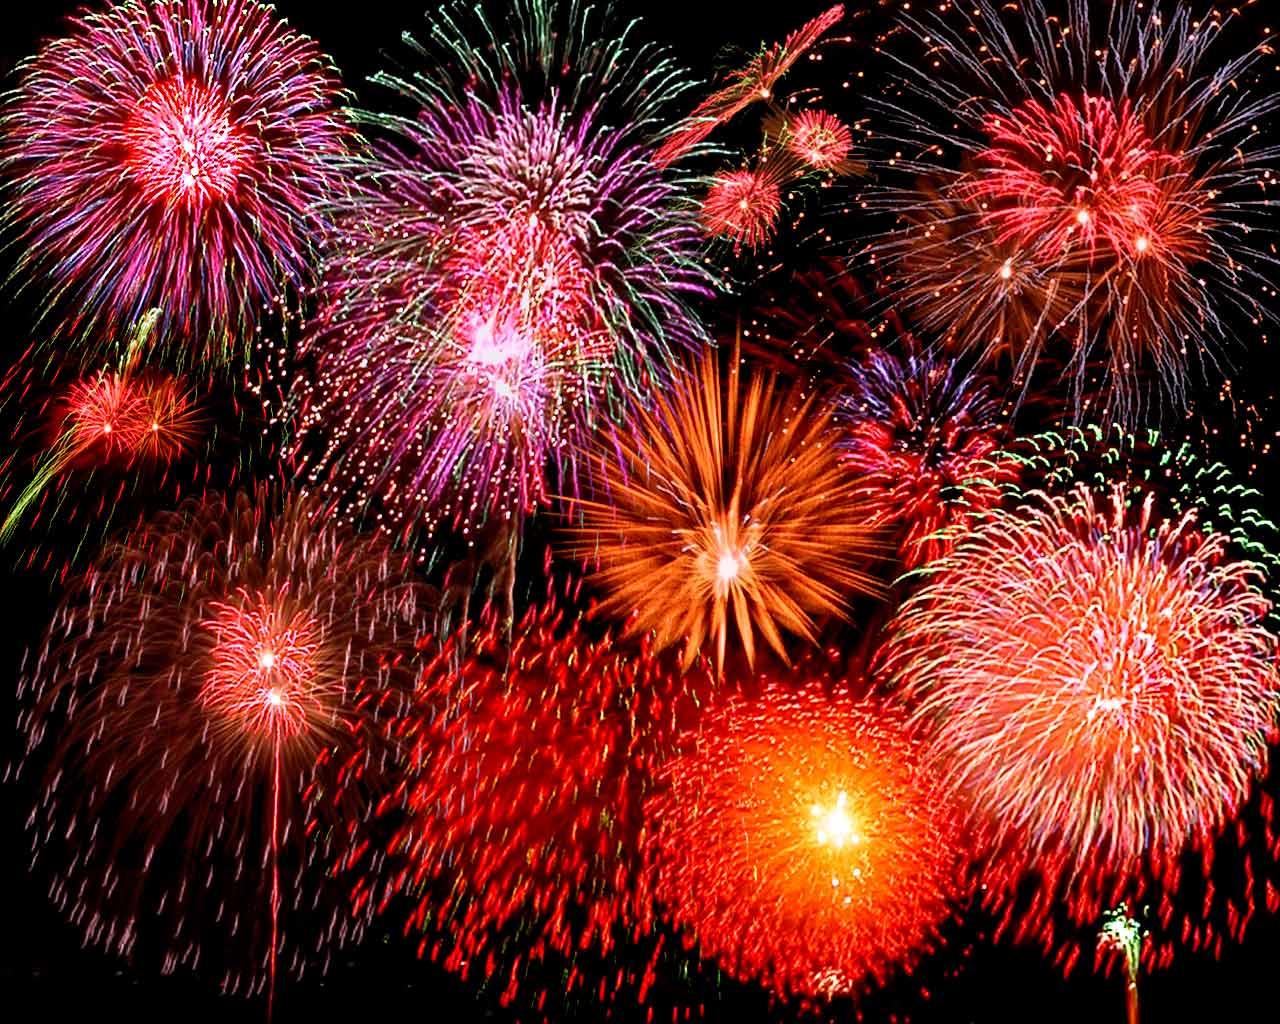 voornemens nieuwjaar stress Blijvende Stress Vrije Veranderingen In Het Nieuwe Jaar